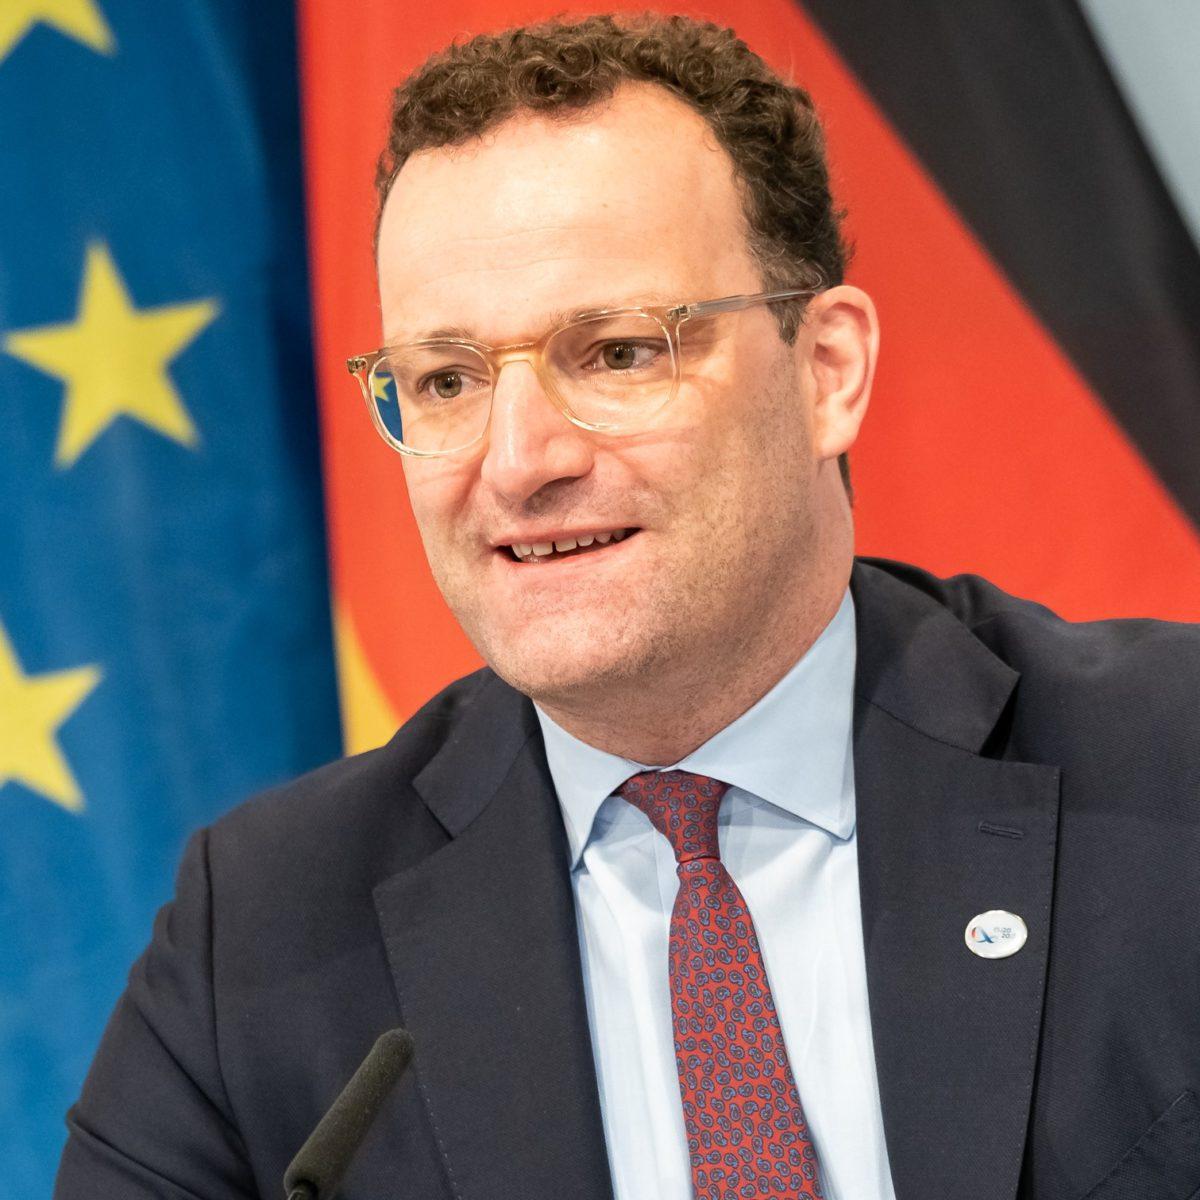 UE4Health per il 2021-2027: raggiunto un accordo provvisorio